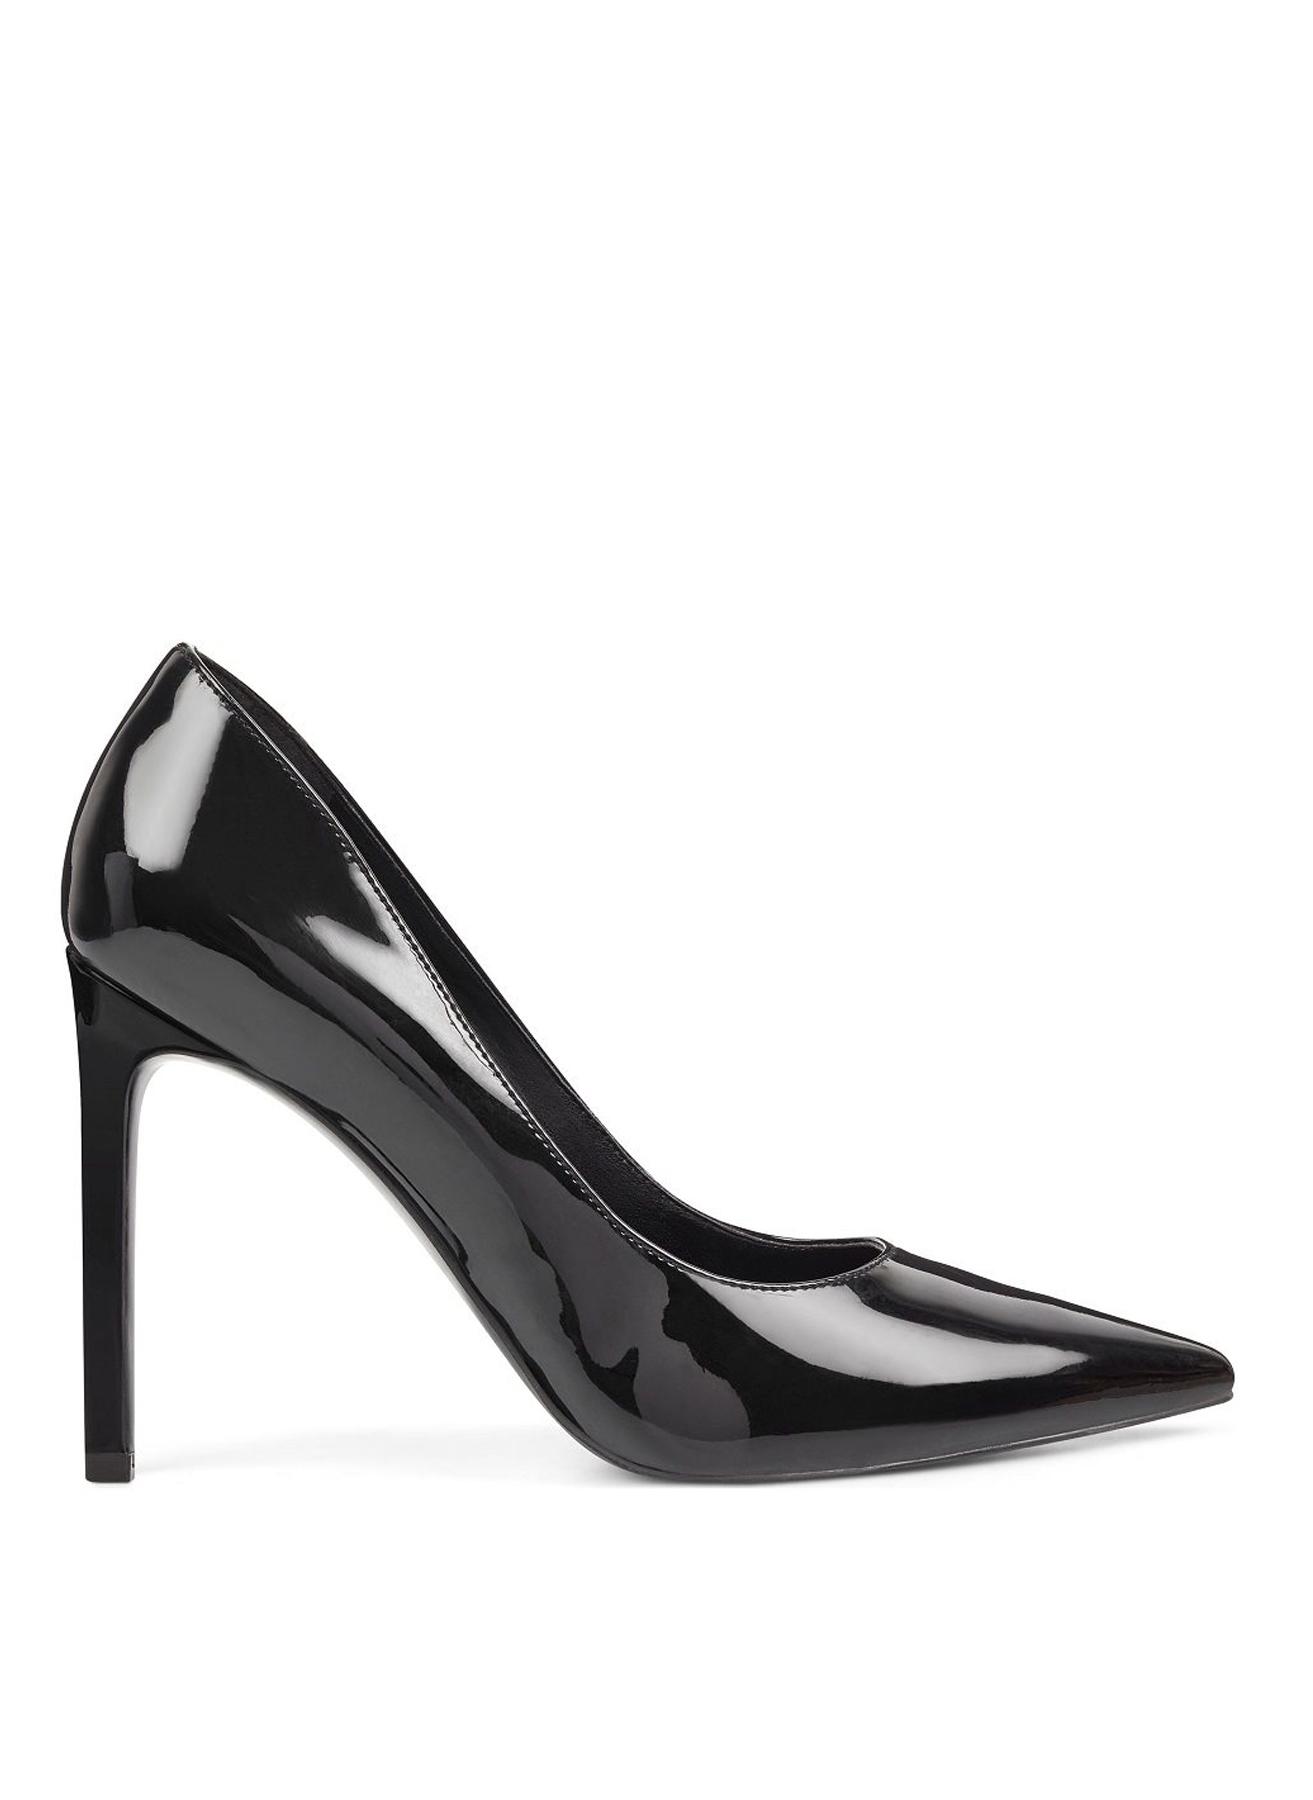 Nine West Sivri Burun Siyah Topuklu Ayakkabı 38 5002312138001 Ürün Resmi